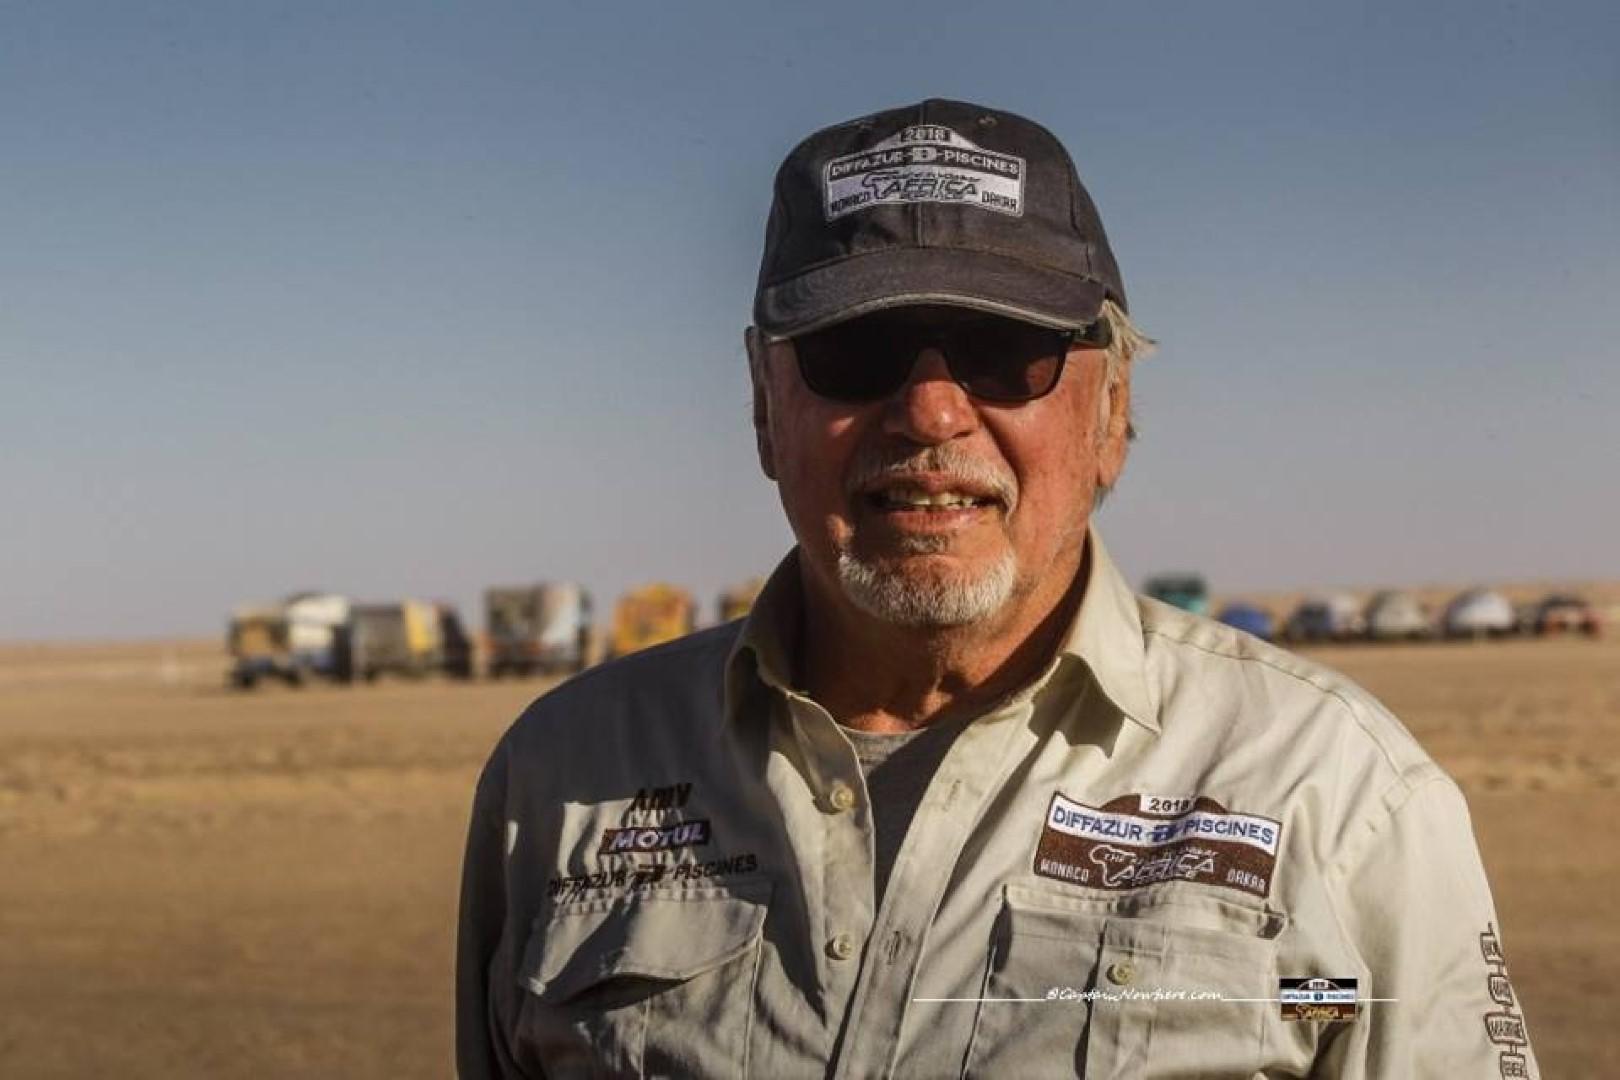 TURKMEN DESERT RACE: Un nouveau Rallye organisé par Jean-Louis Schlesser